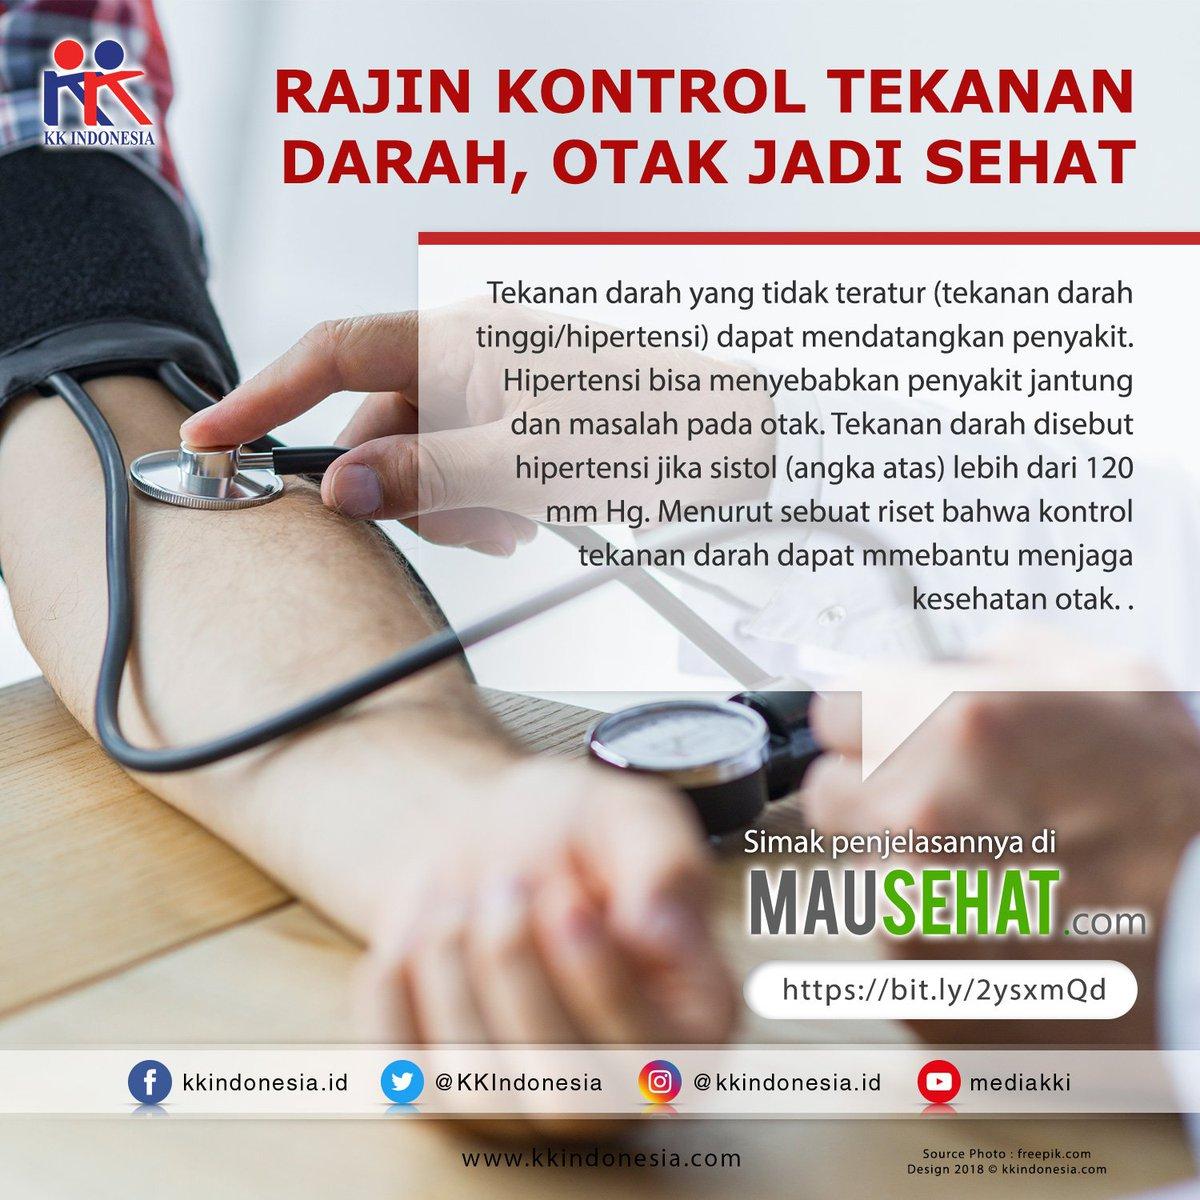 Kkindonesia Photos And Hastag Vitayang Coenzyme Q10 Kk Indonesia Rajin Kontrol Tekanan Darah Otak Jadi Sehat Info Selengkapnya Lihat Di Https Bitly 2ysxmqd Atau Http Mausehatcom Mausehat